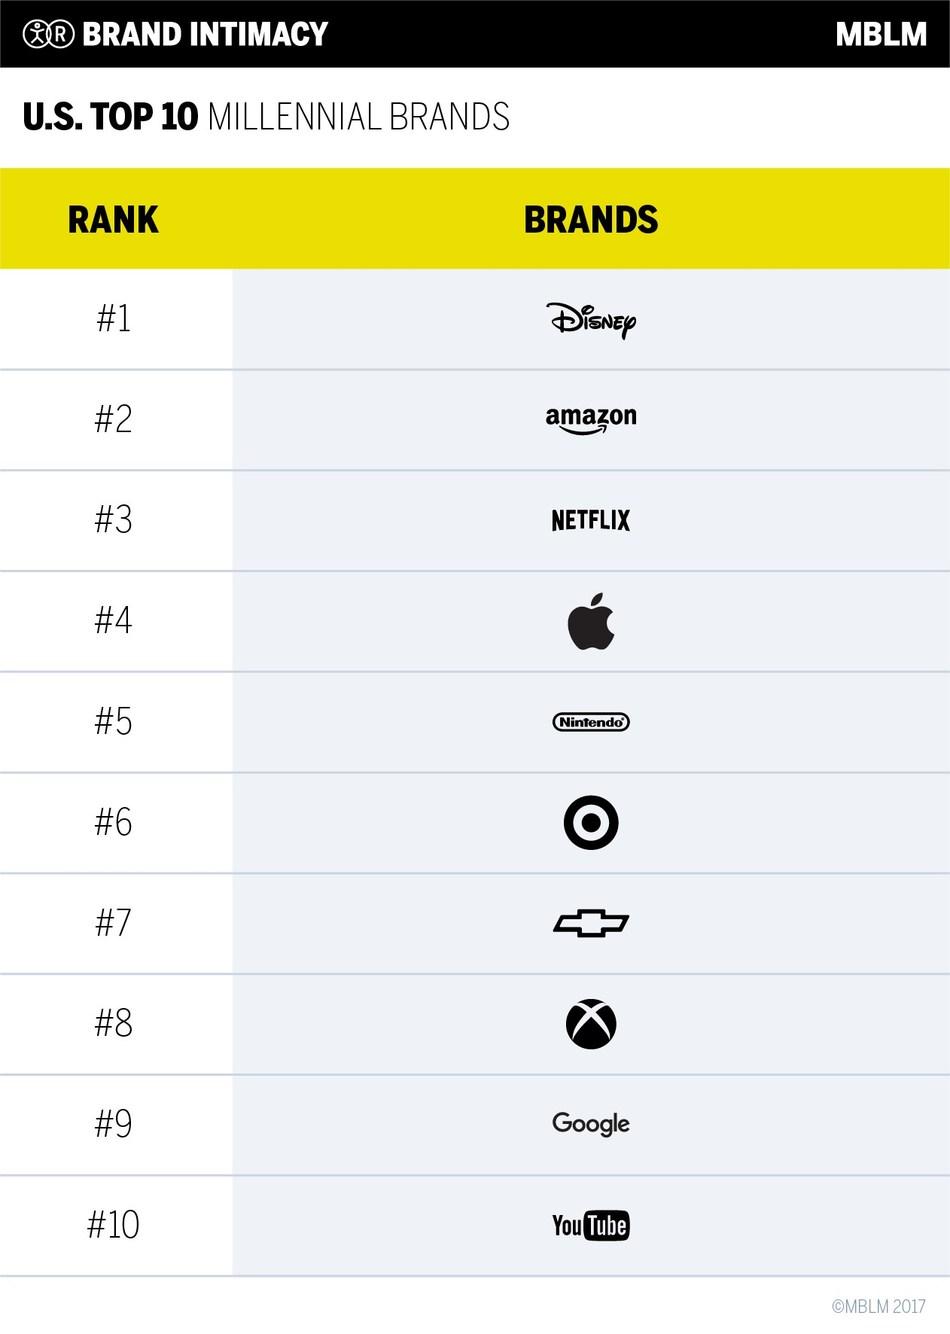 U.S. Top 10 Millennial Brands